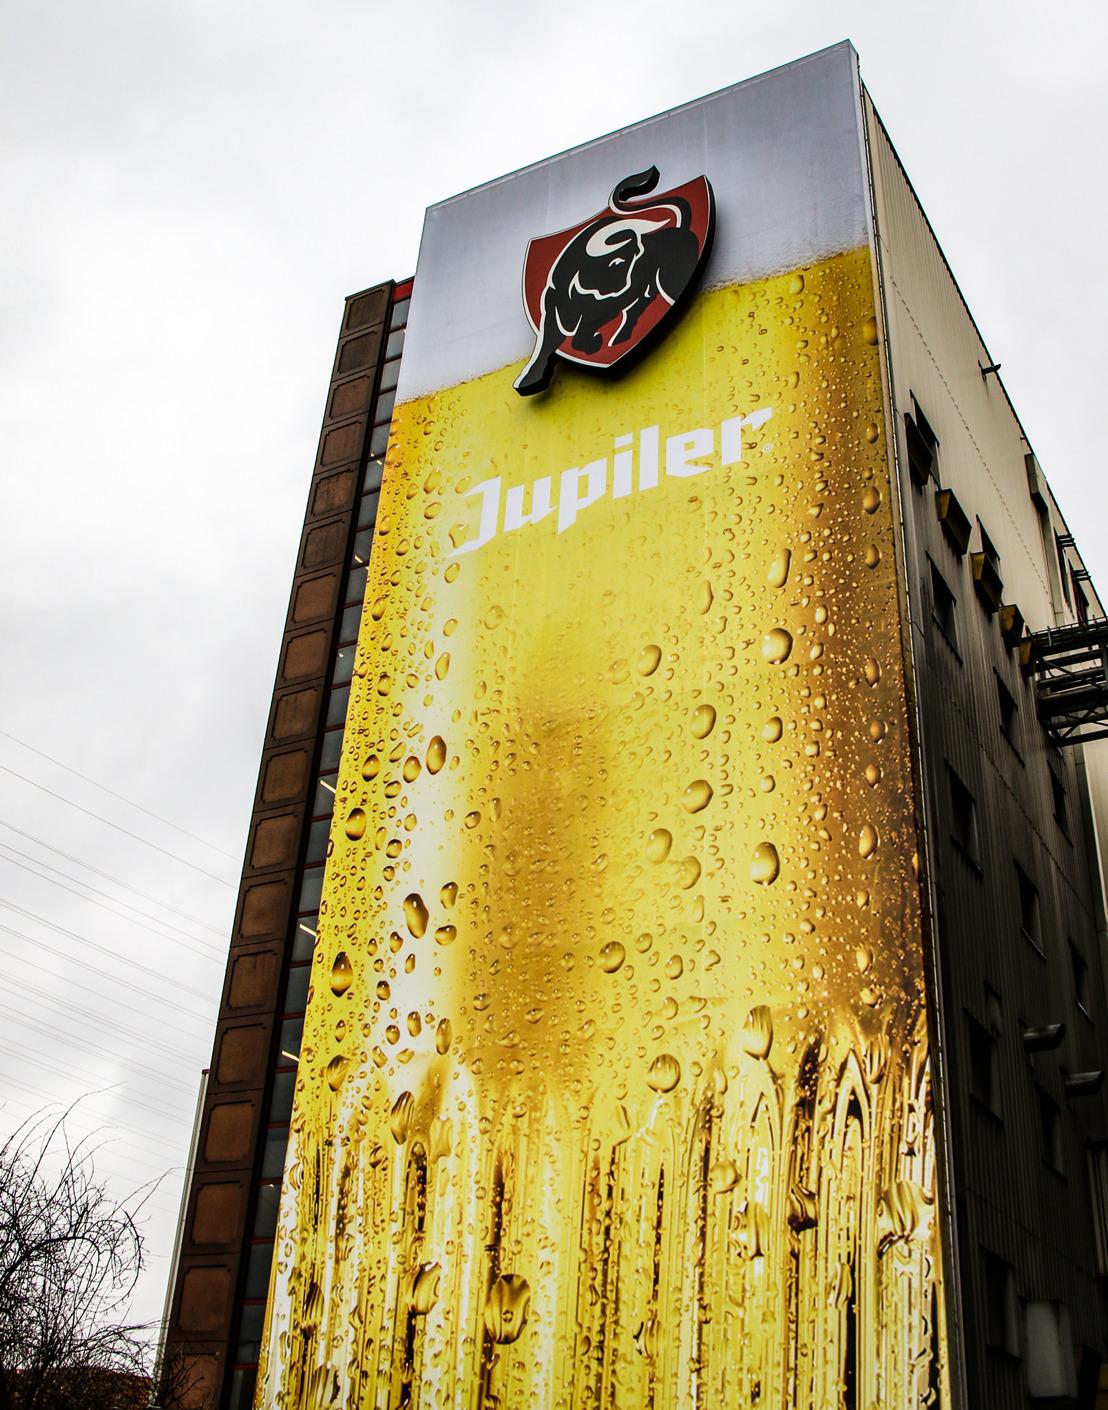 Metershoge Jupiler pils siert voortaan brouwerij van Jupille